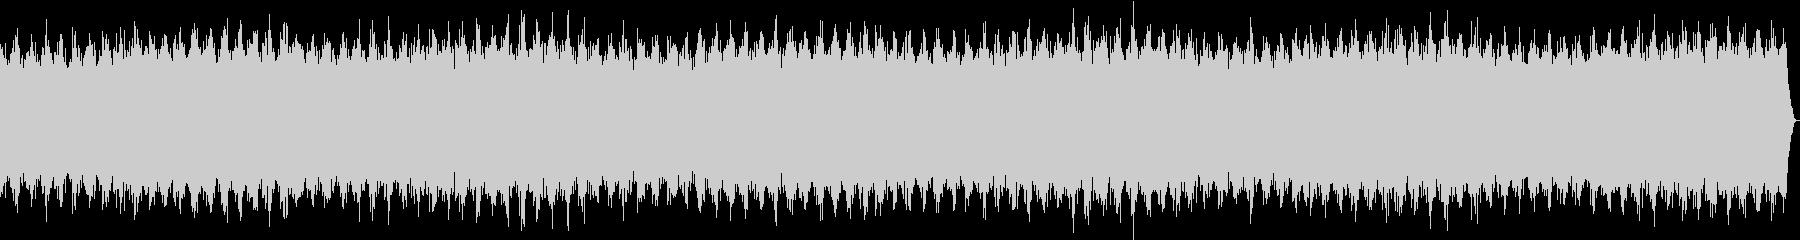 ヒーリング、アンビエントの未再生の波形